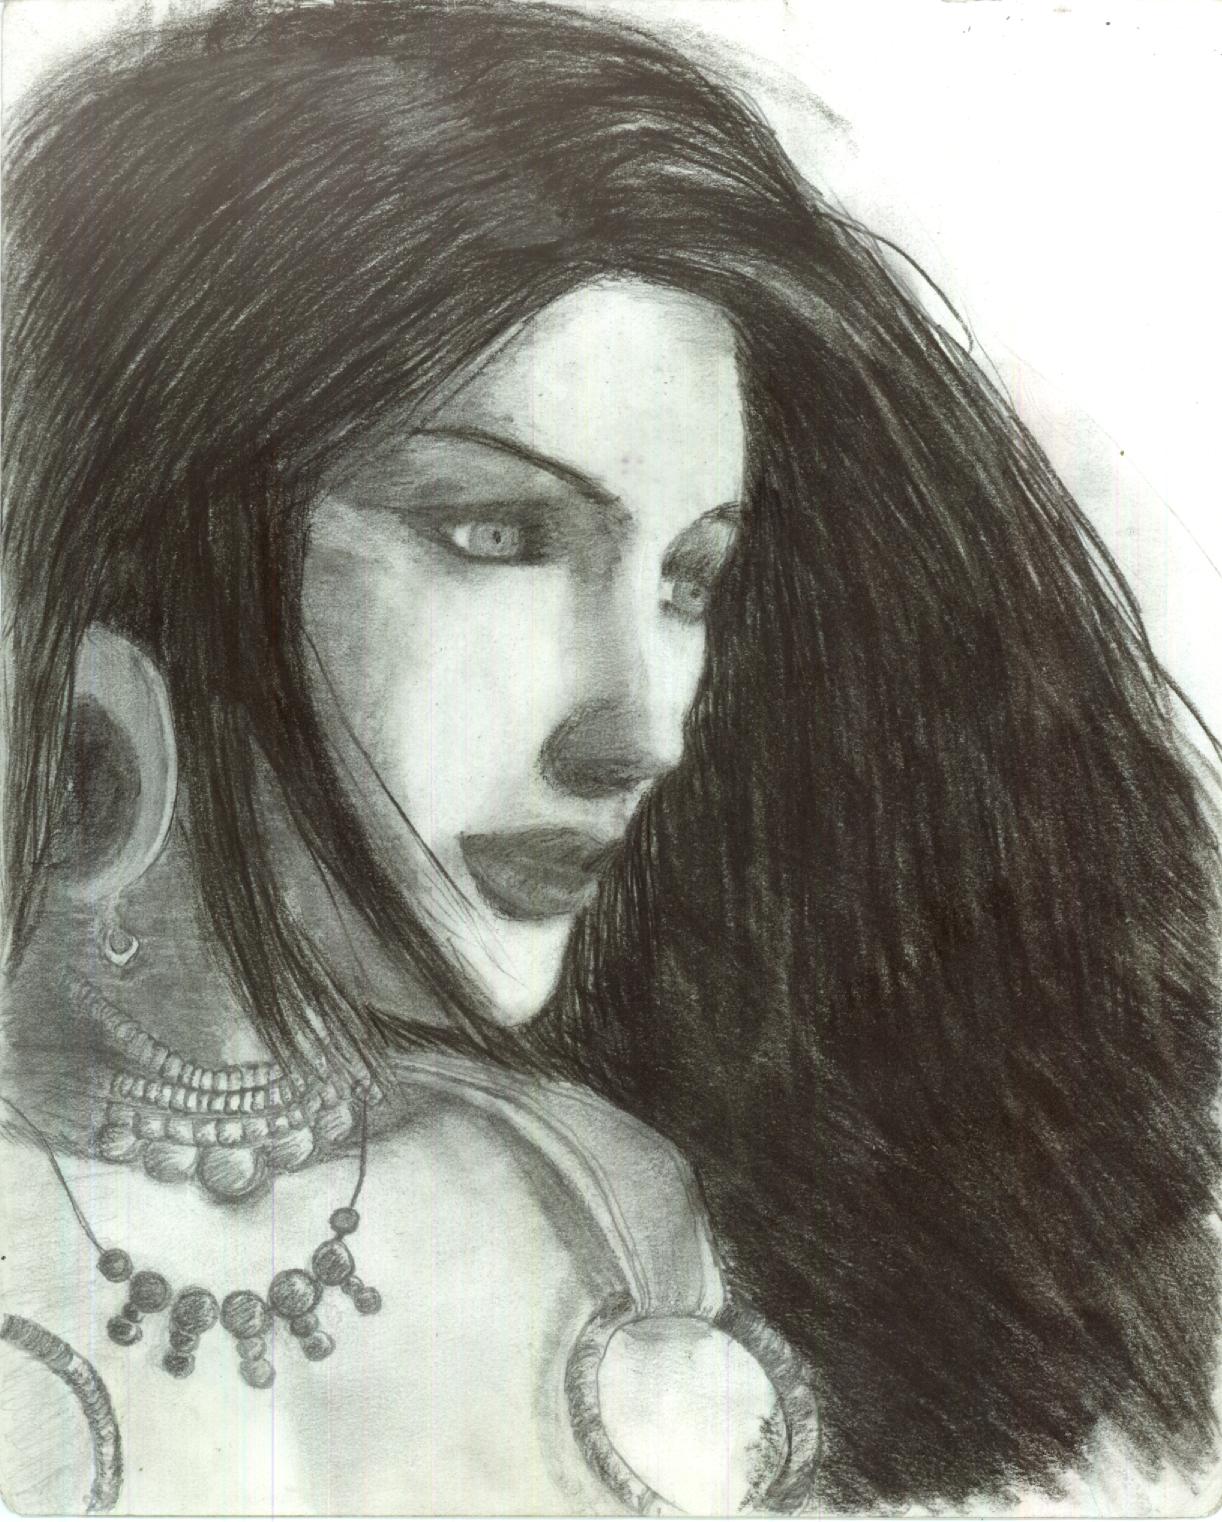 Kaileena